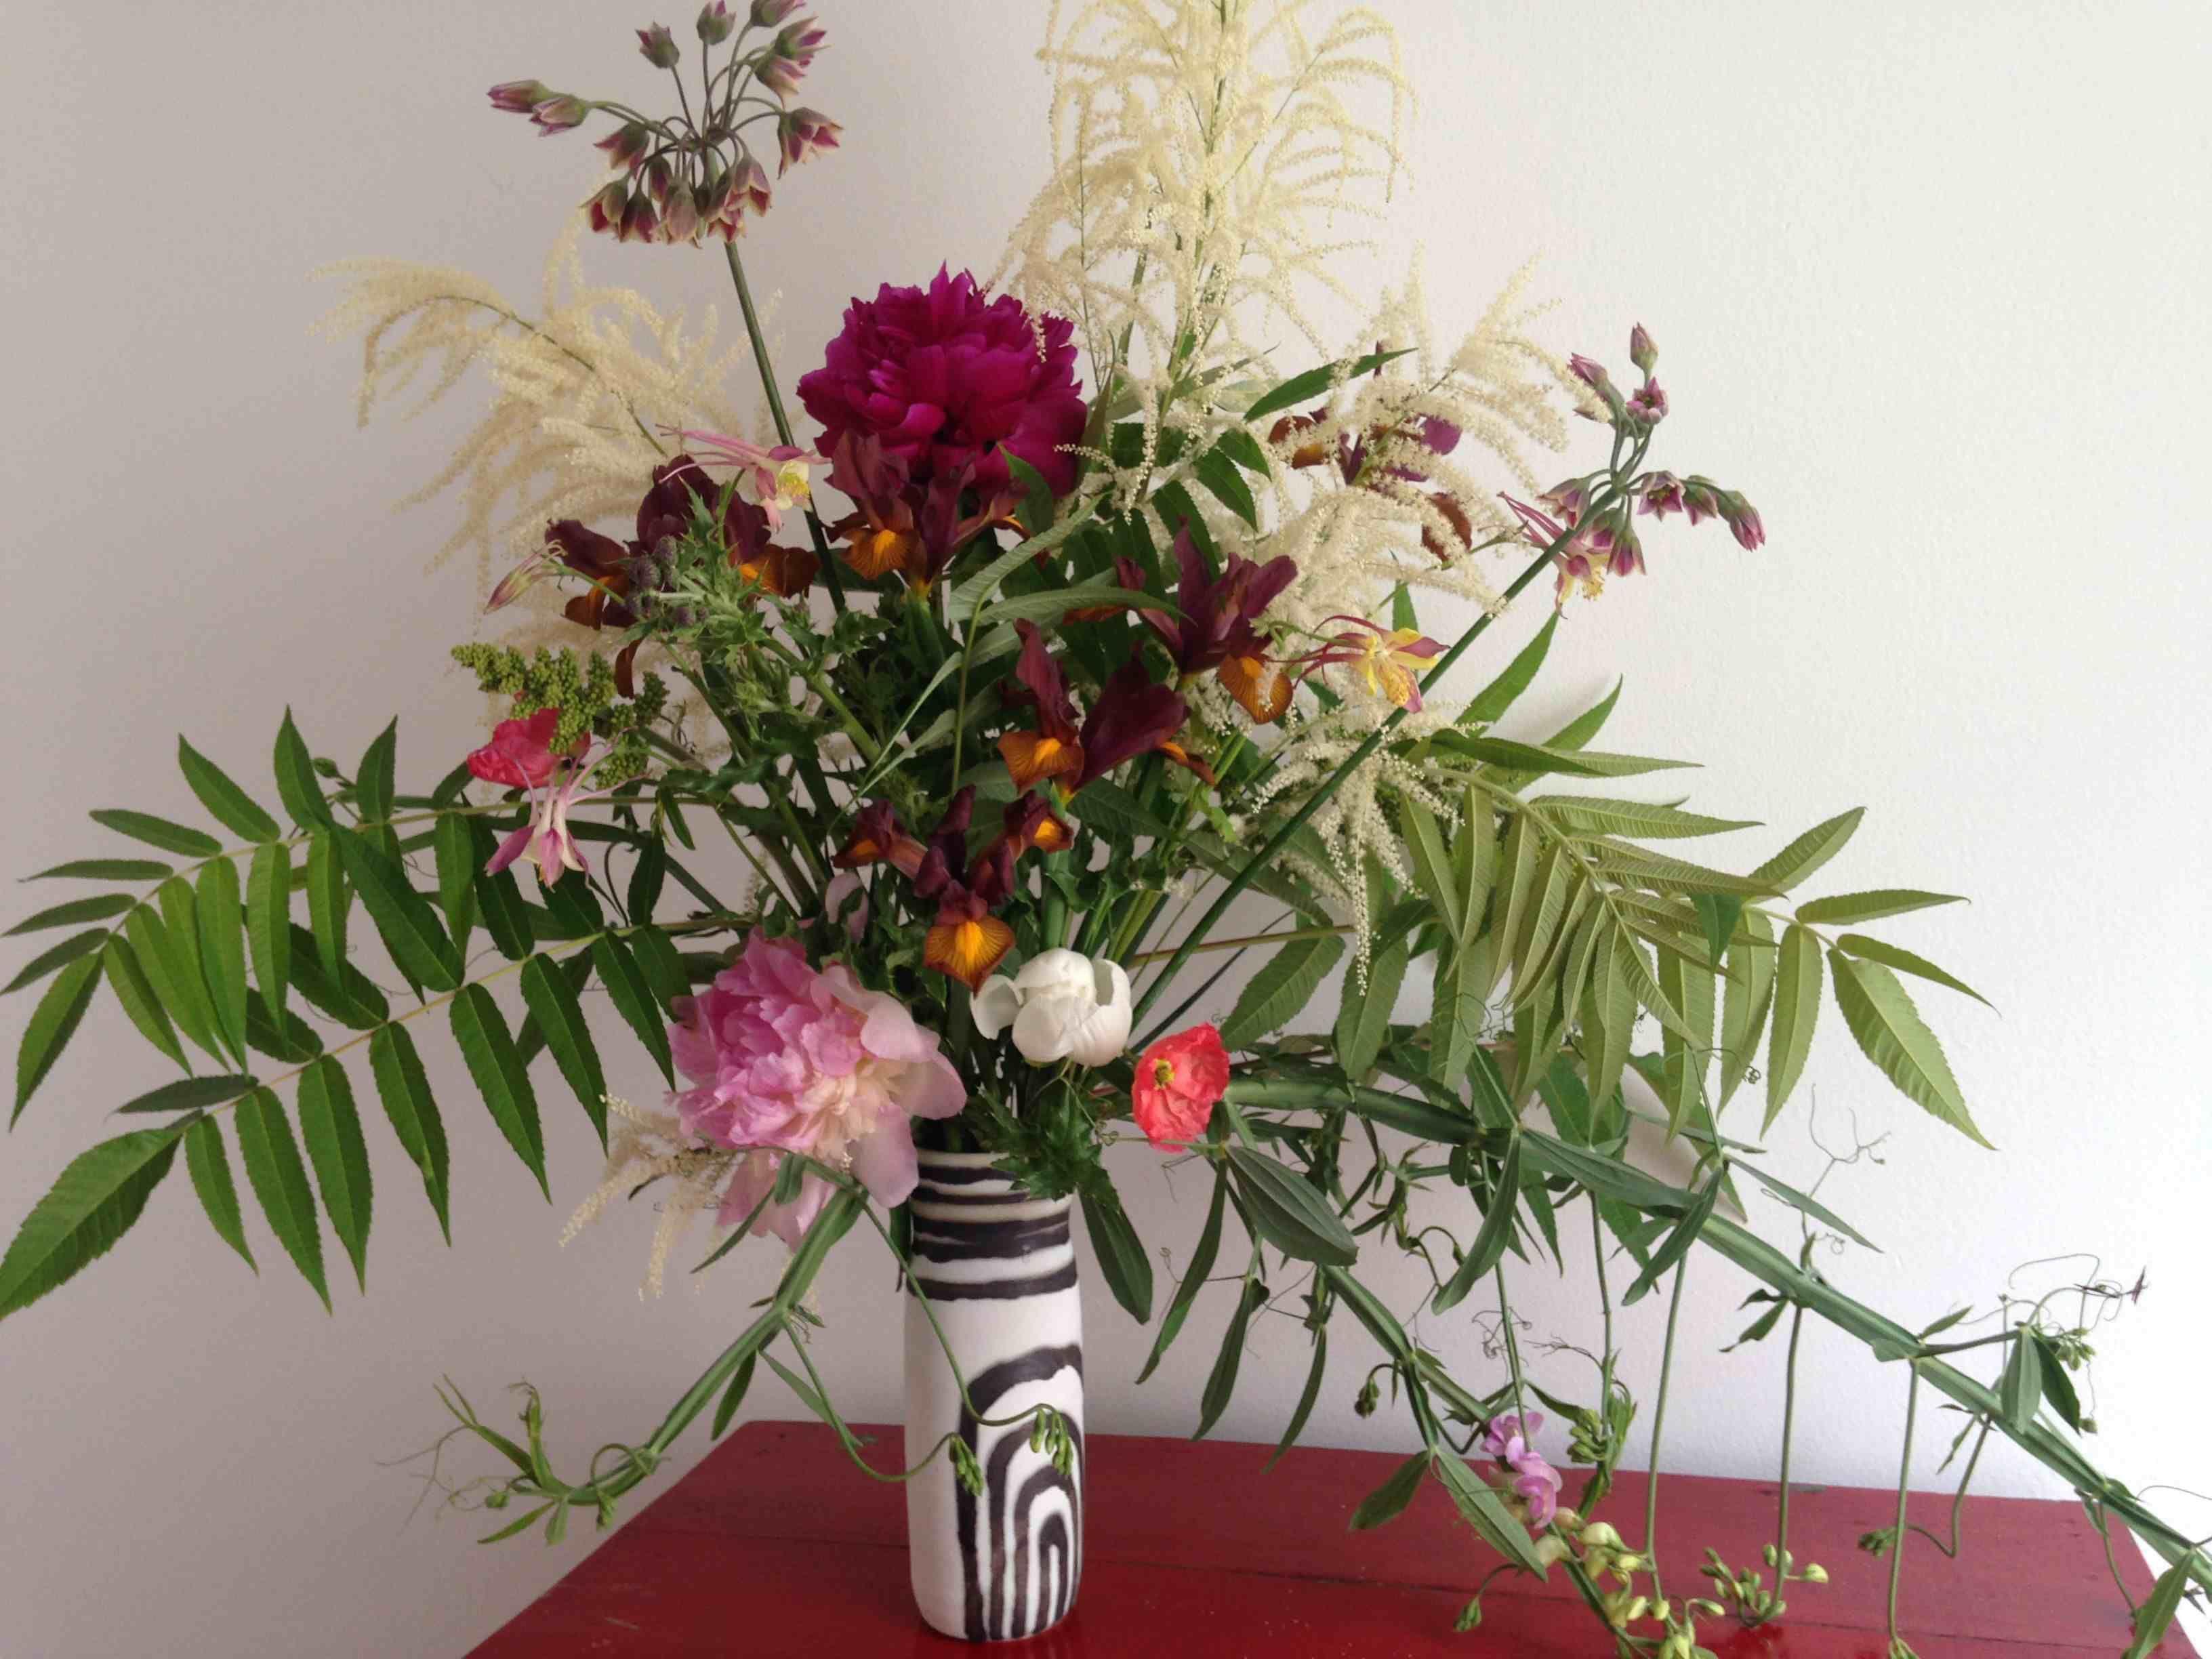 Ceramic-Vase.jpg (3264×2448)